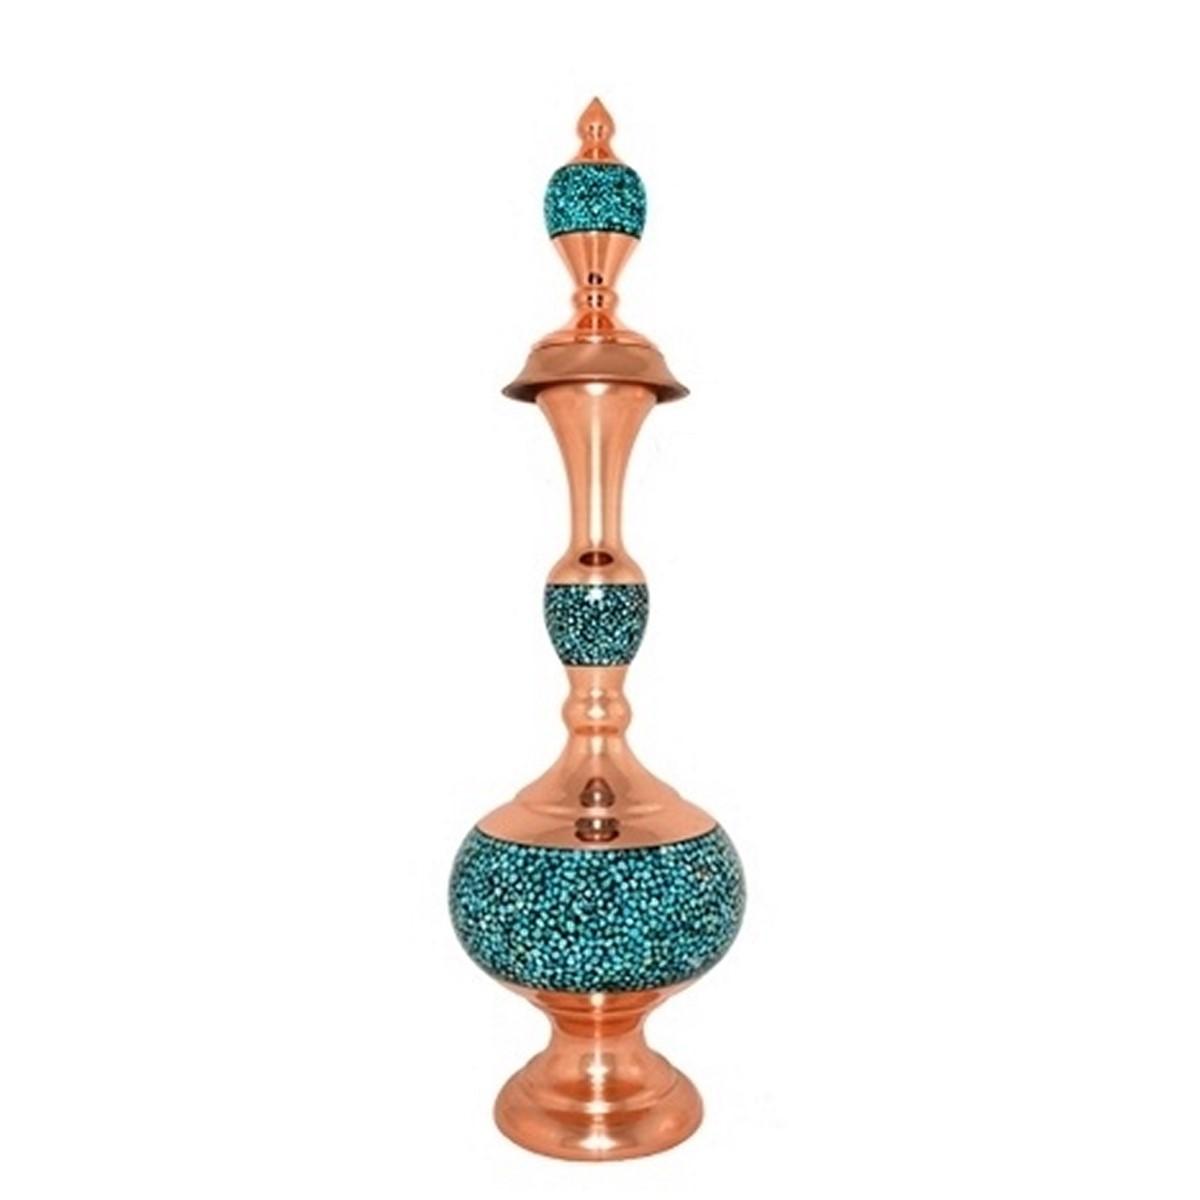 تنگ فیروزه کوبی آقاجانی کد 054